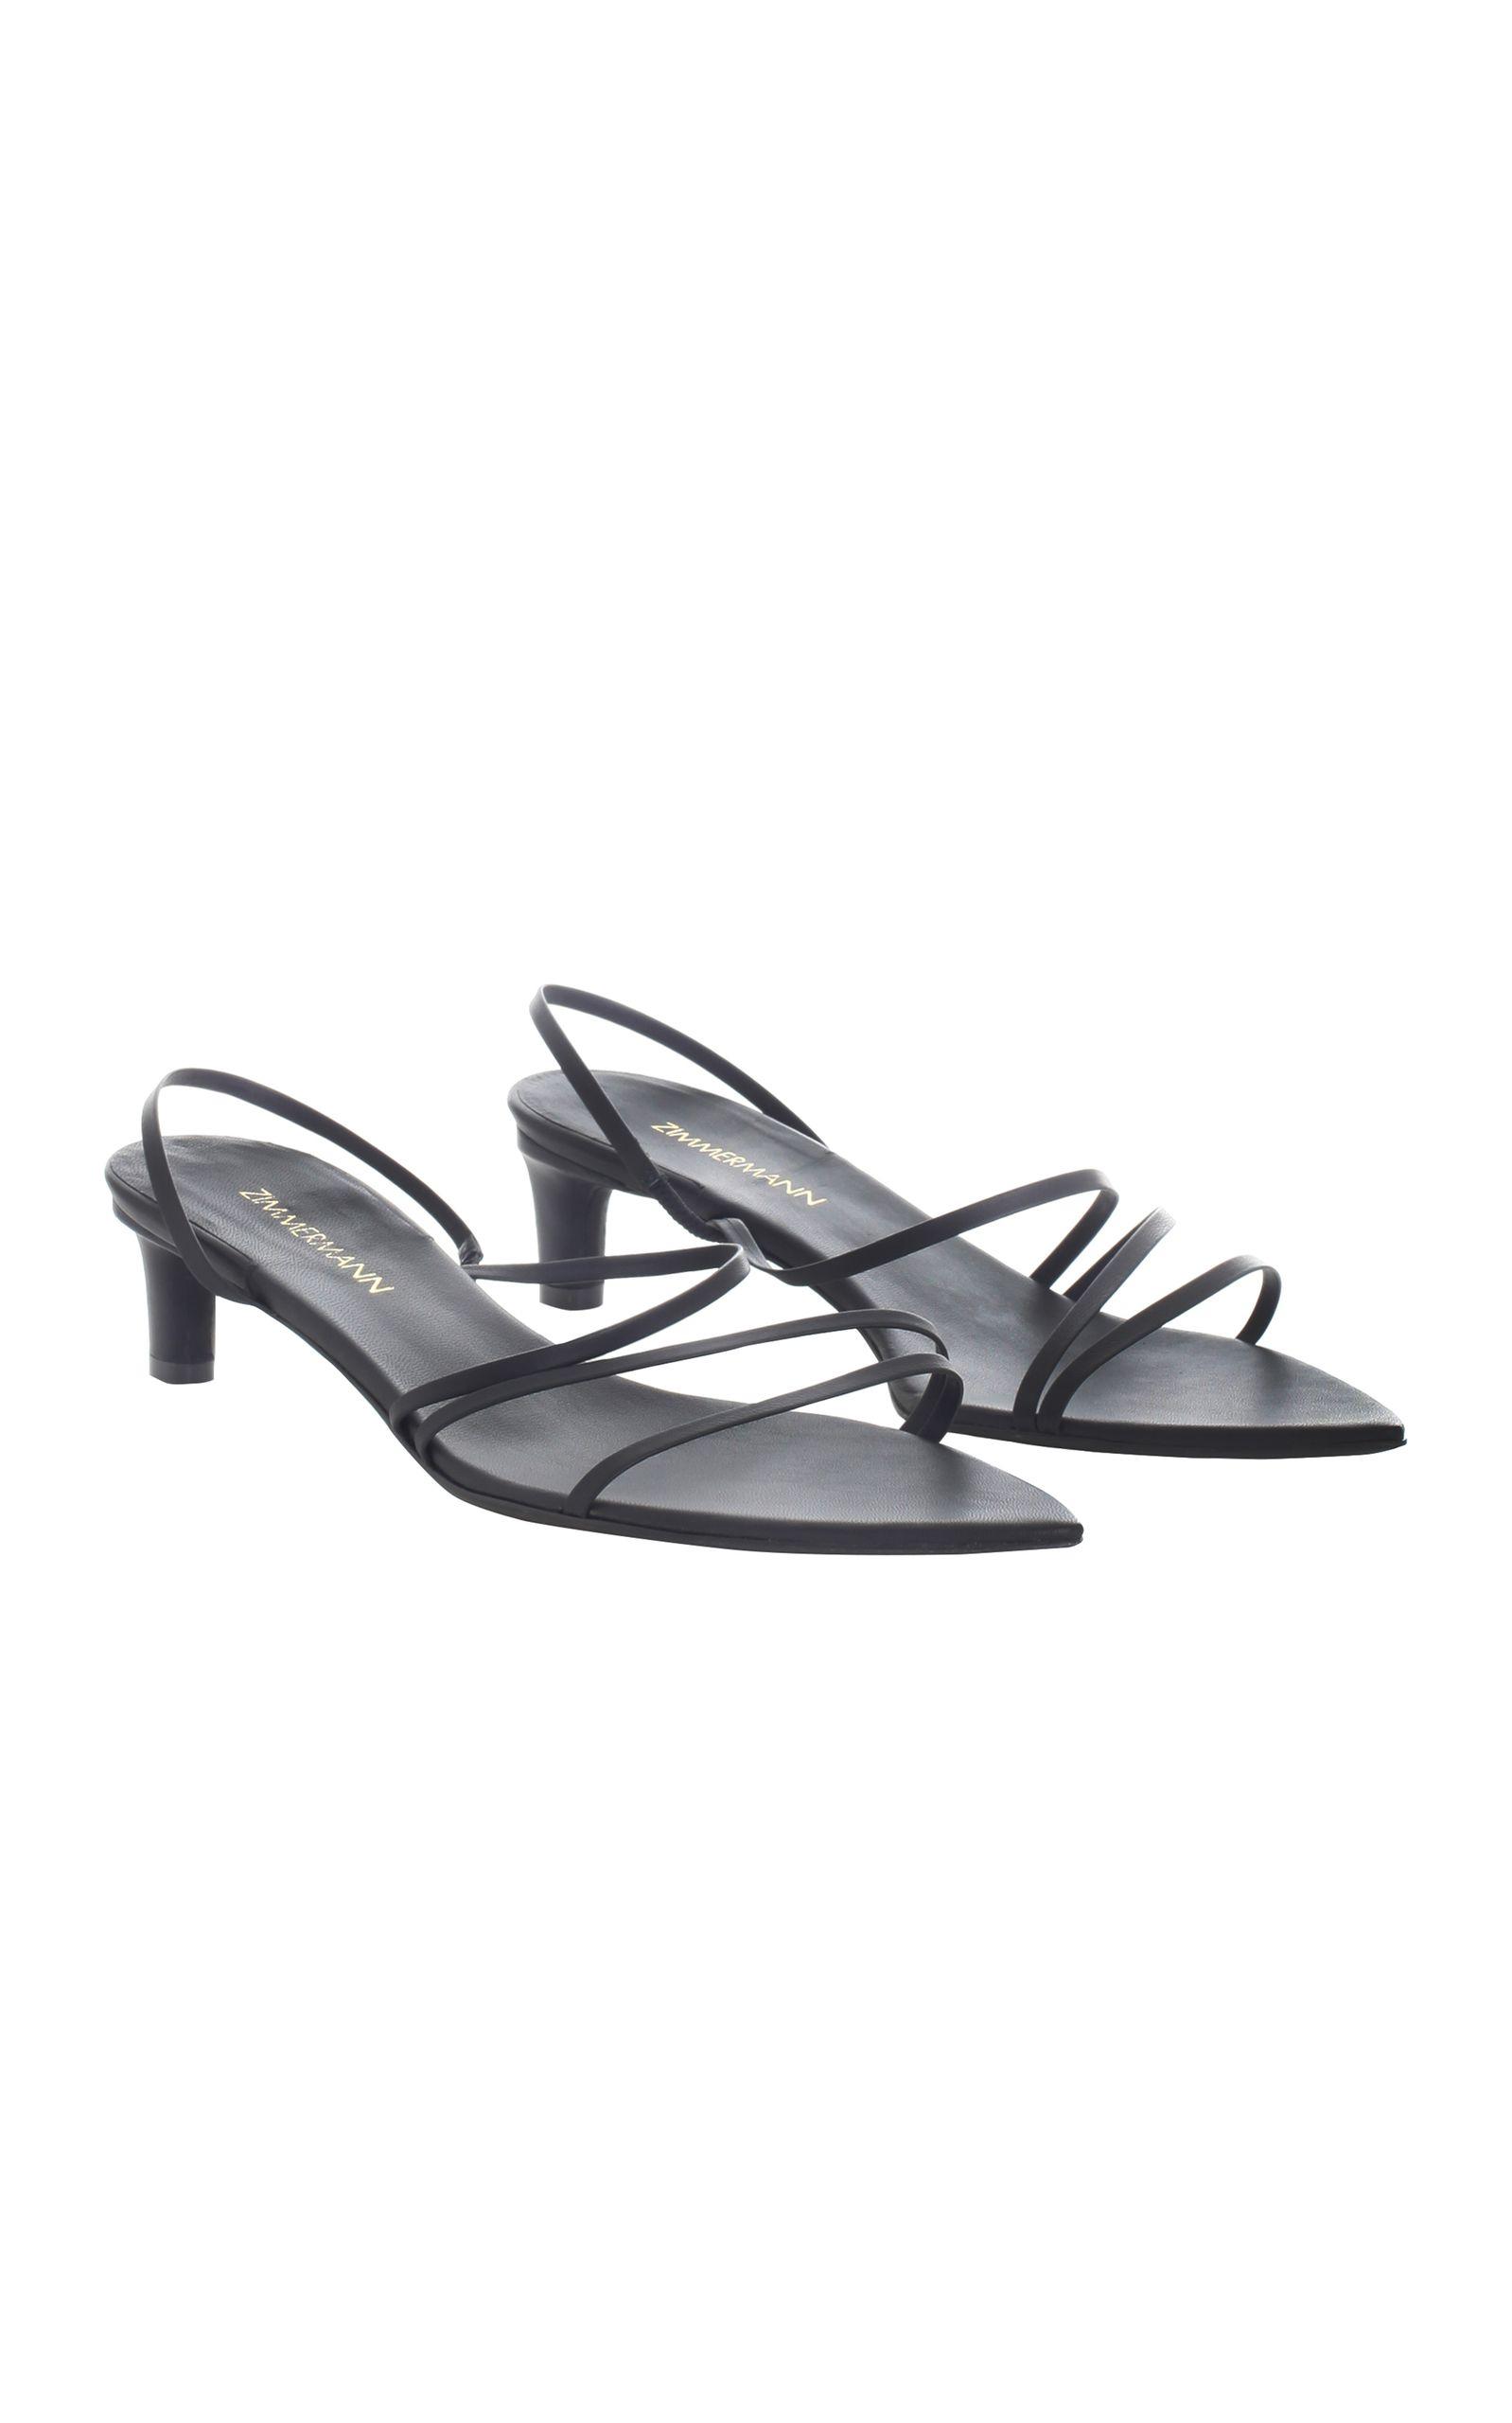 Zimmermann Kitten Heel Kitten Heels Heels Black Strappy Shoes